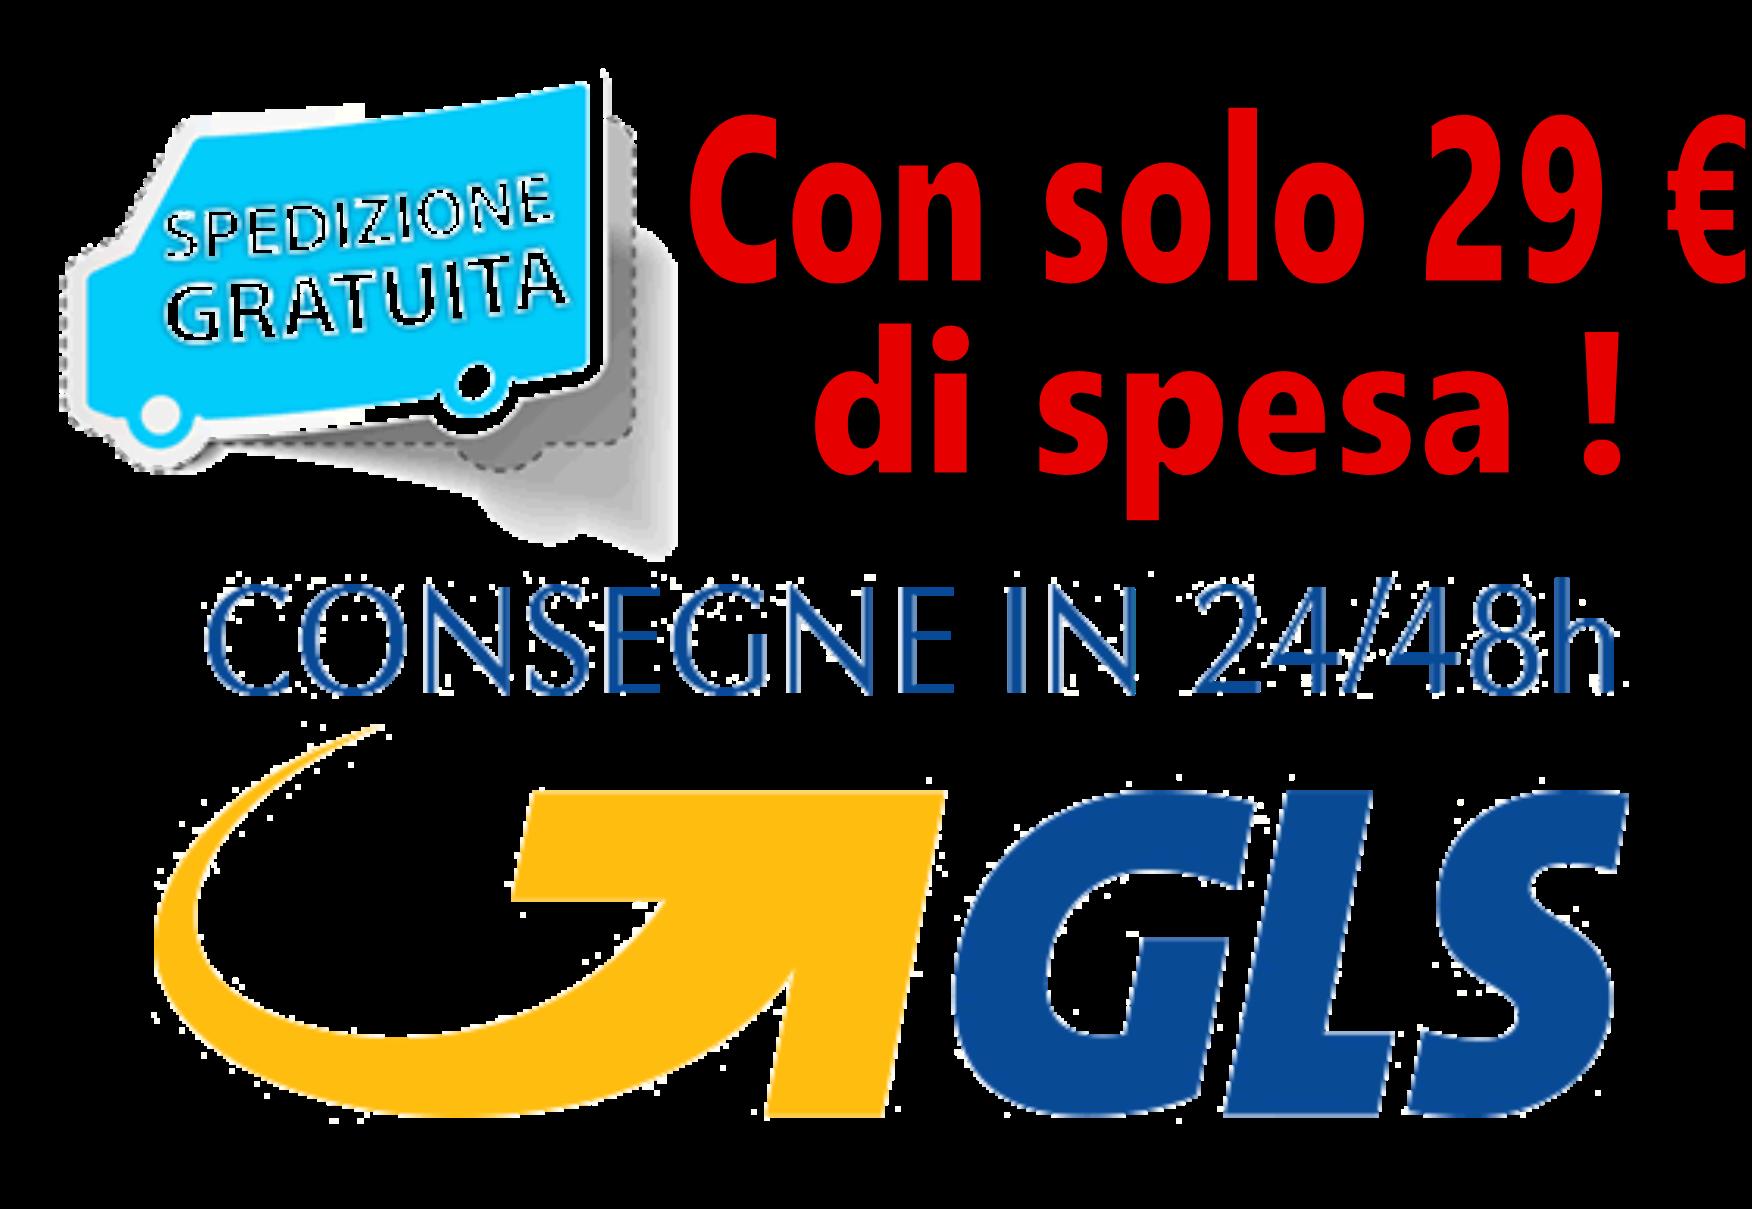 Spedizioni gratis con corriere espresso GLS